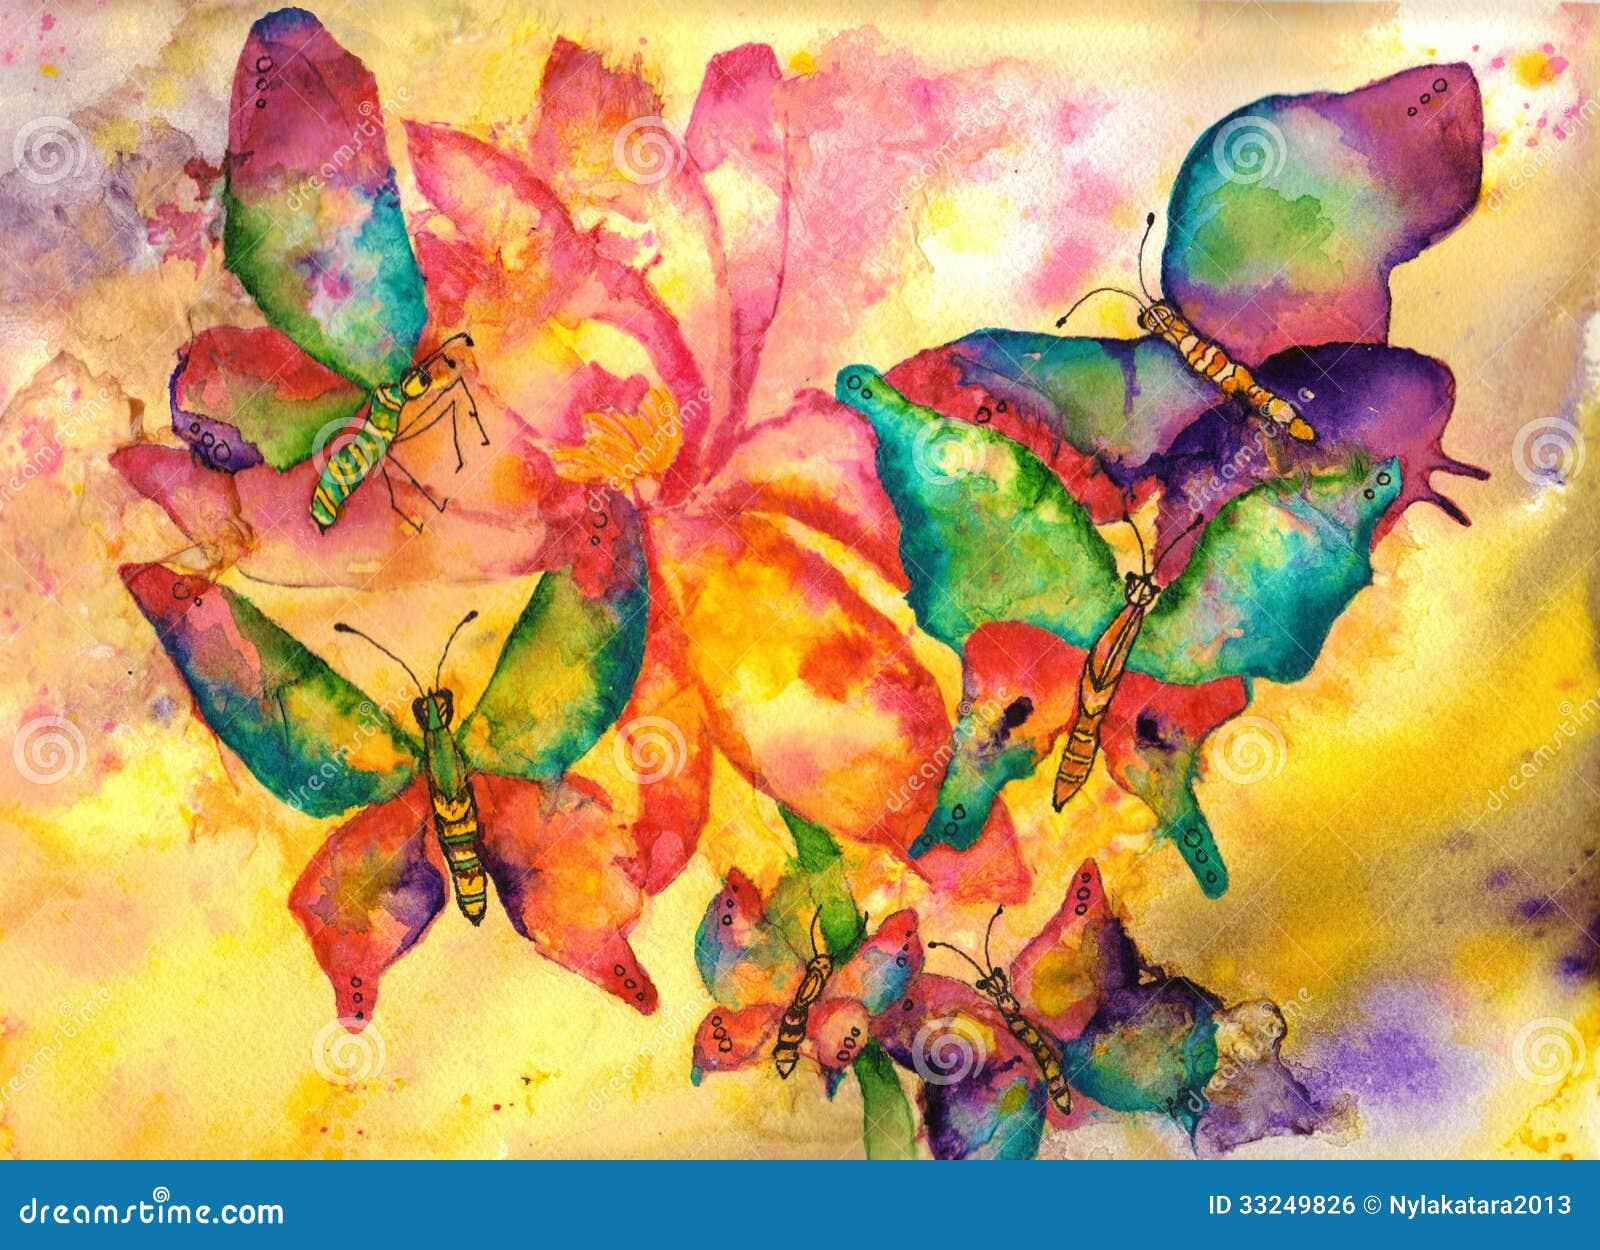 peinture d 39 aquarelle de papillons image libre de droits image 33249826. Black Bedroom Furniture Sets. Home Design Ideas